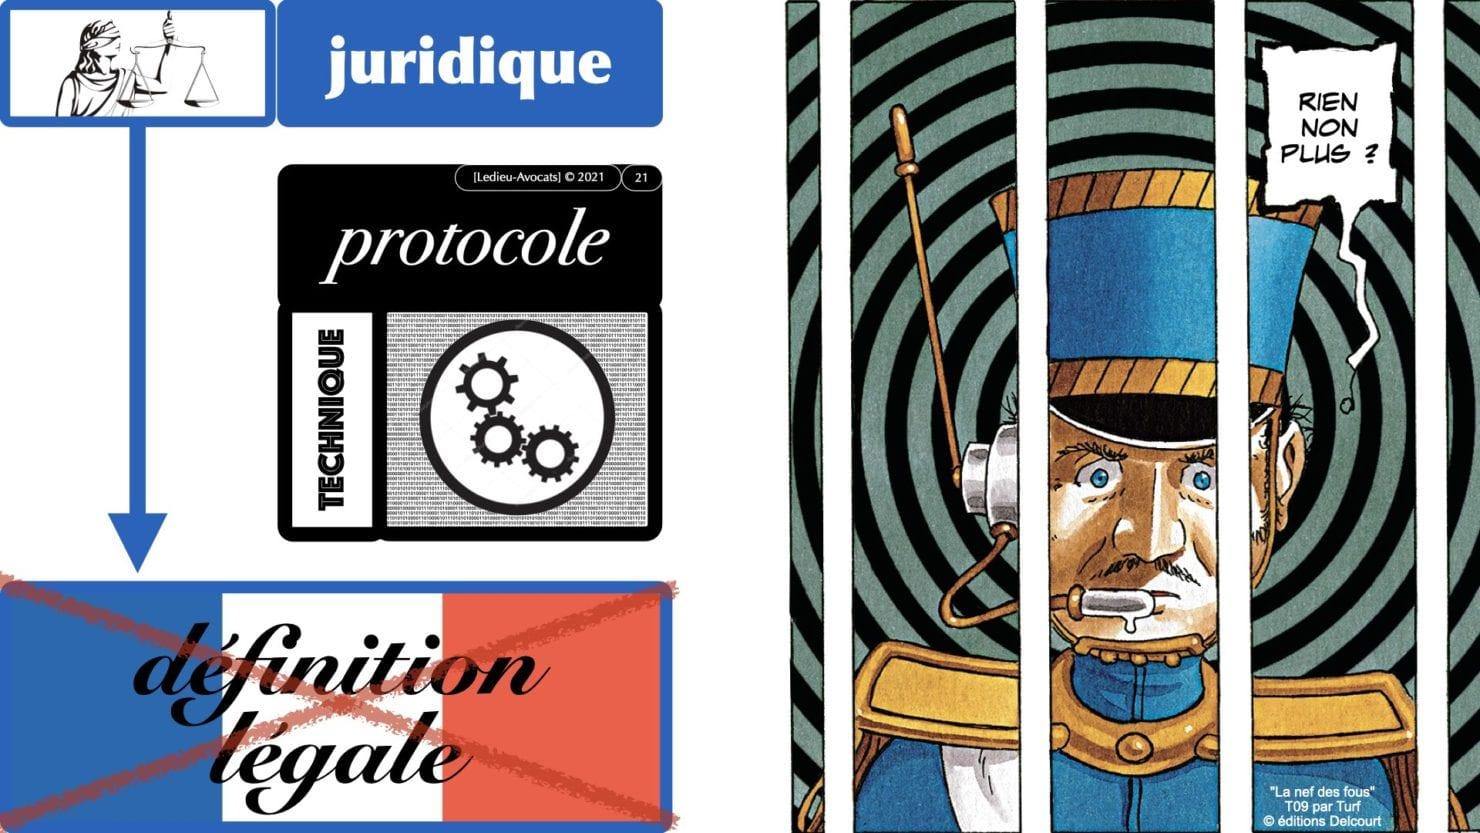 332 ALGORITHME PROTOCOLE protection innovation numérique ©Ledieu-Avocats 19-05-2021.021